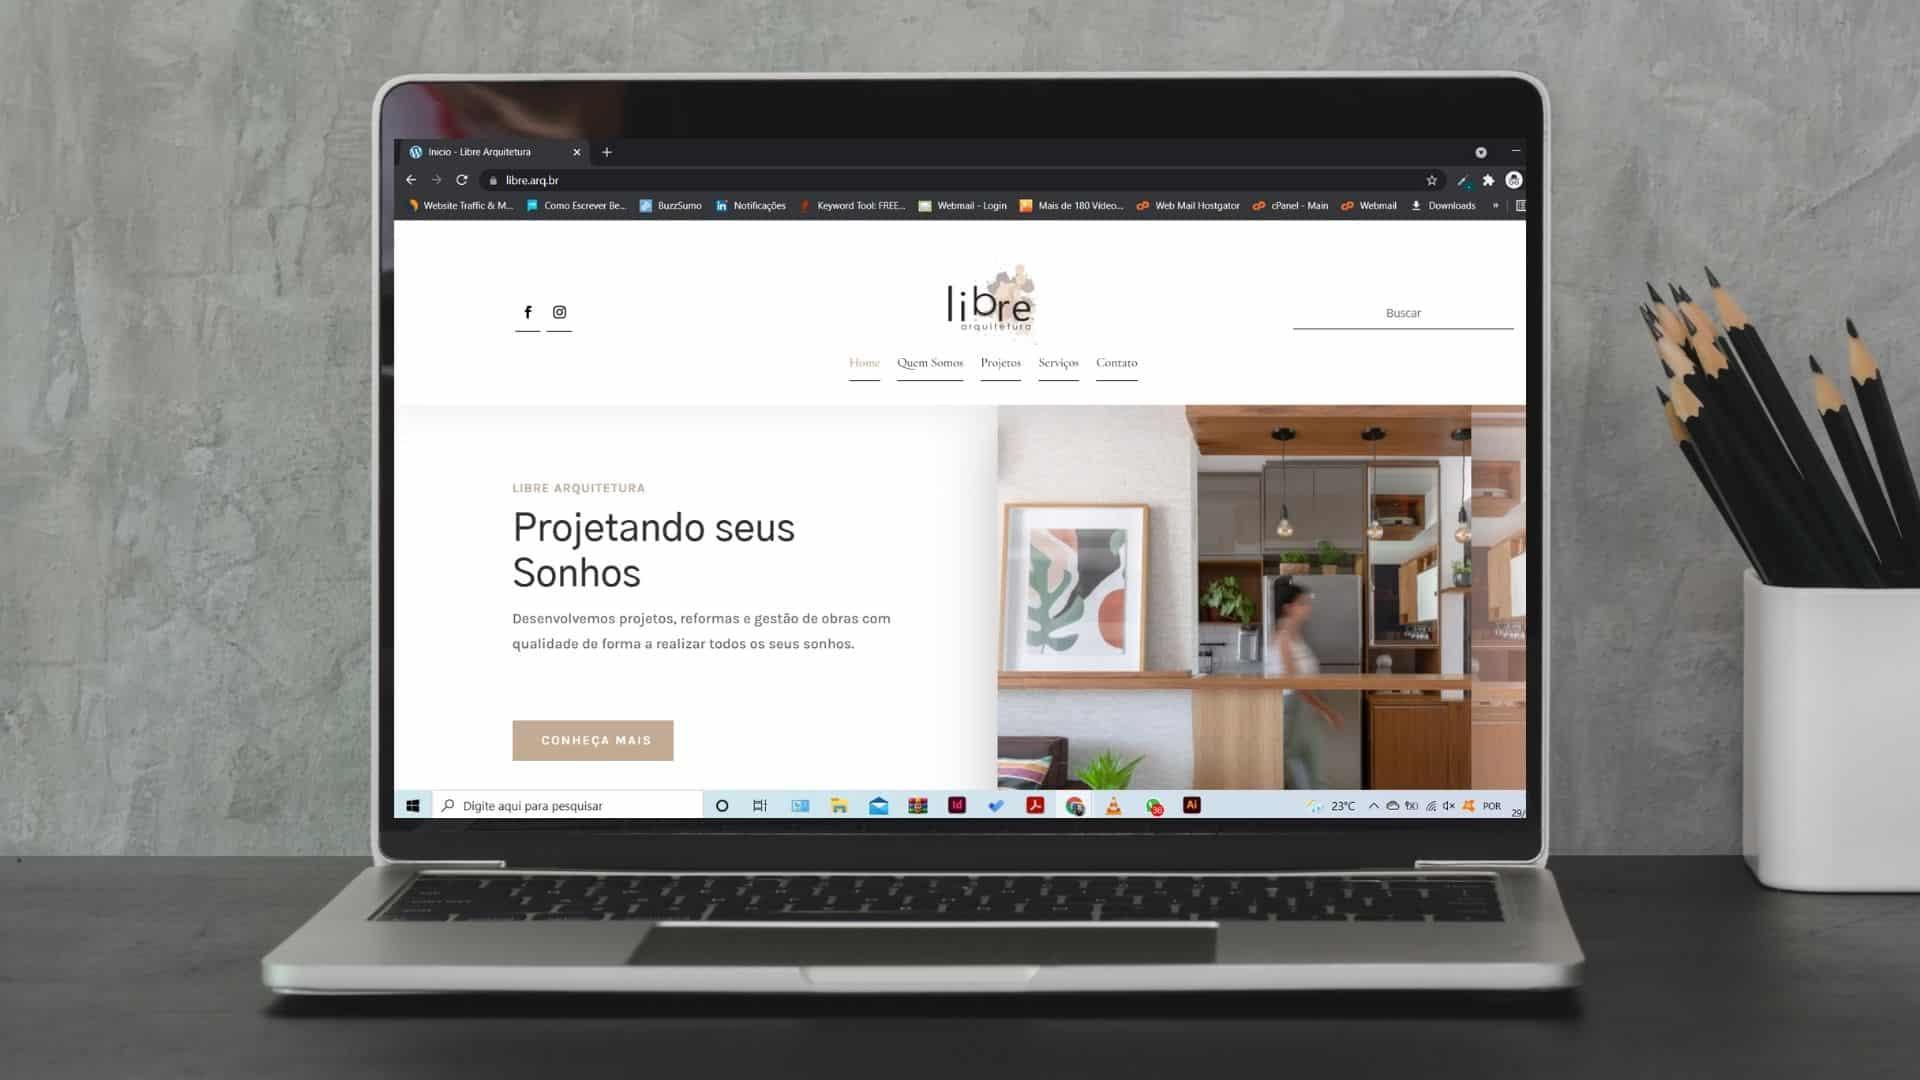 Agencia de Marketing Digital para Pequenas Empresas Goma 3 - Libre Escritório de Arquitetura